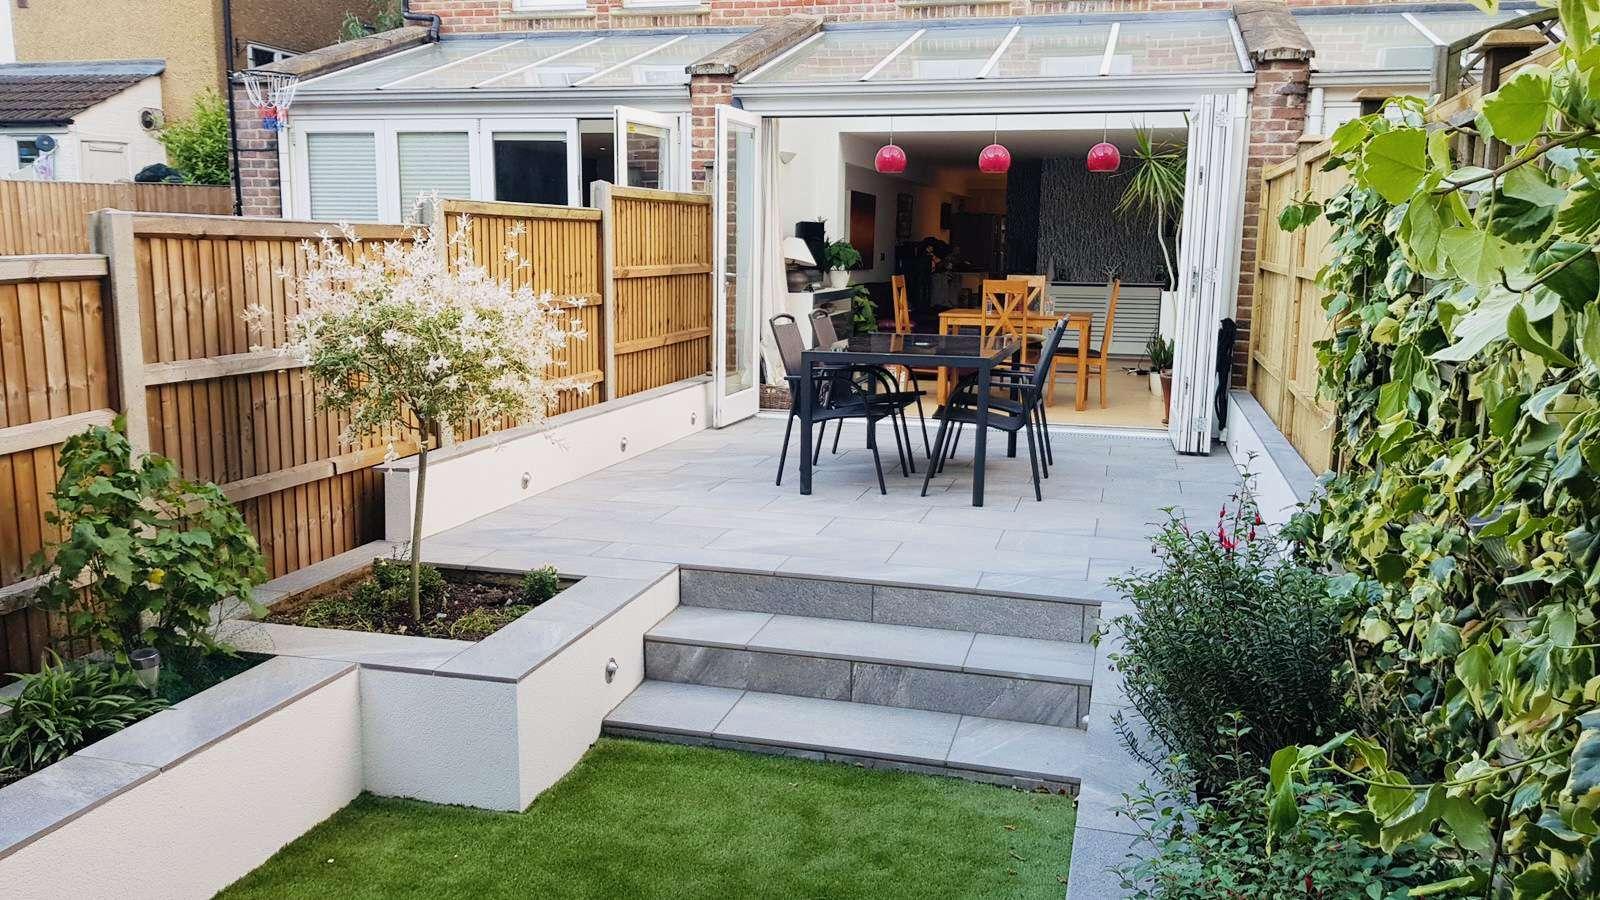 landscaping services in hemel hempstead